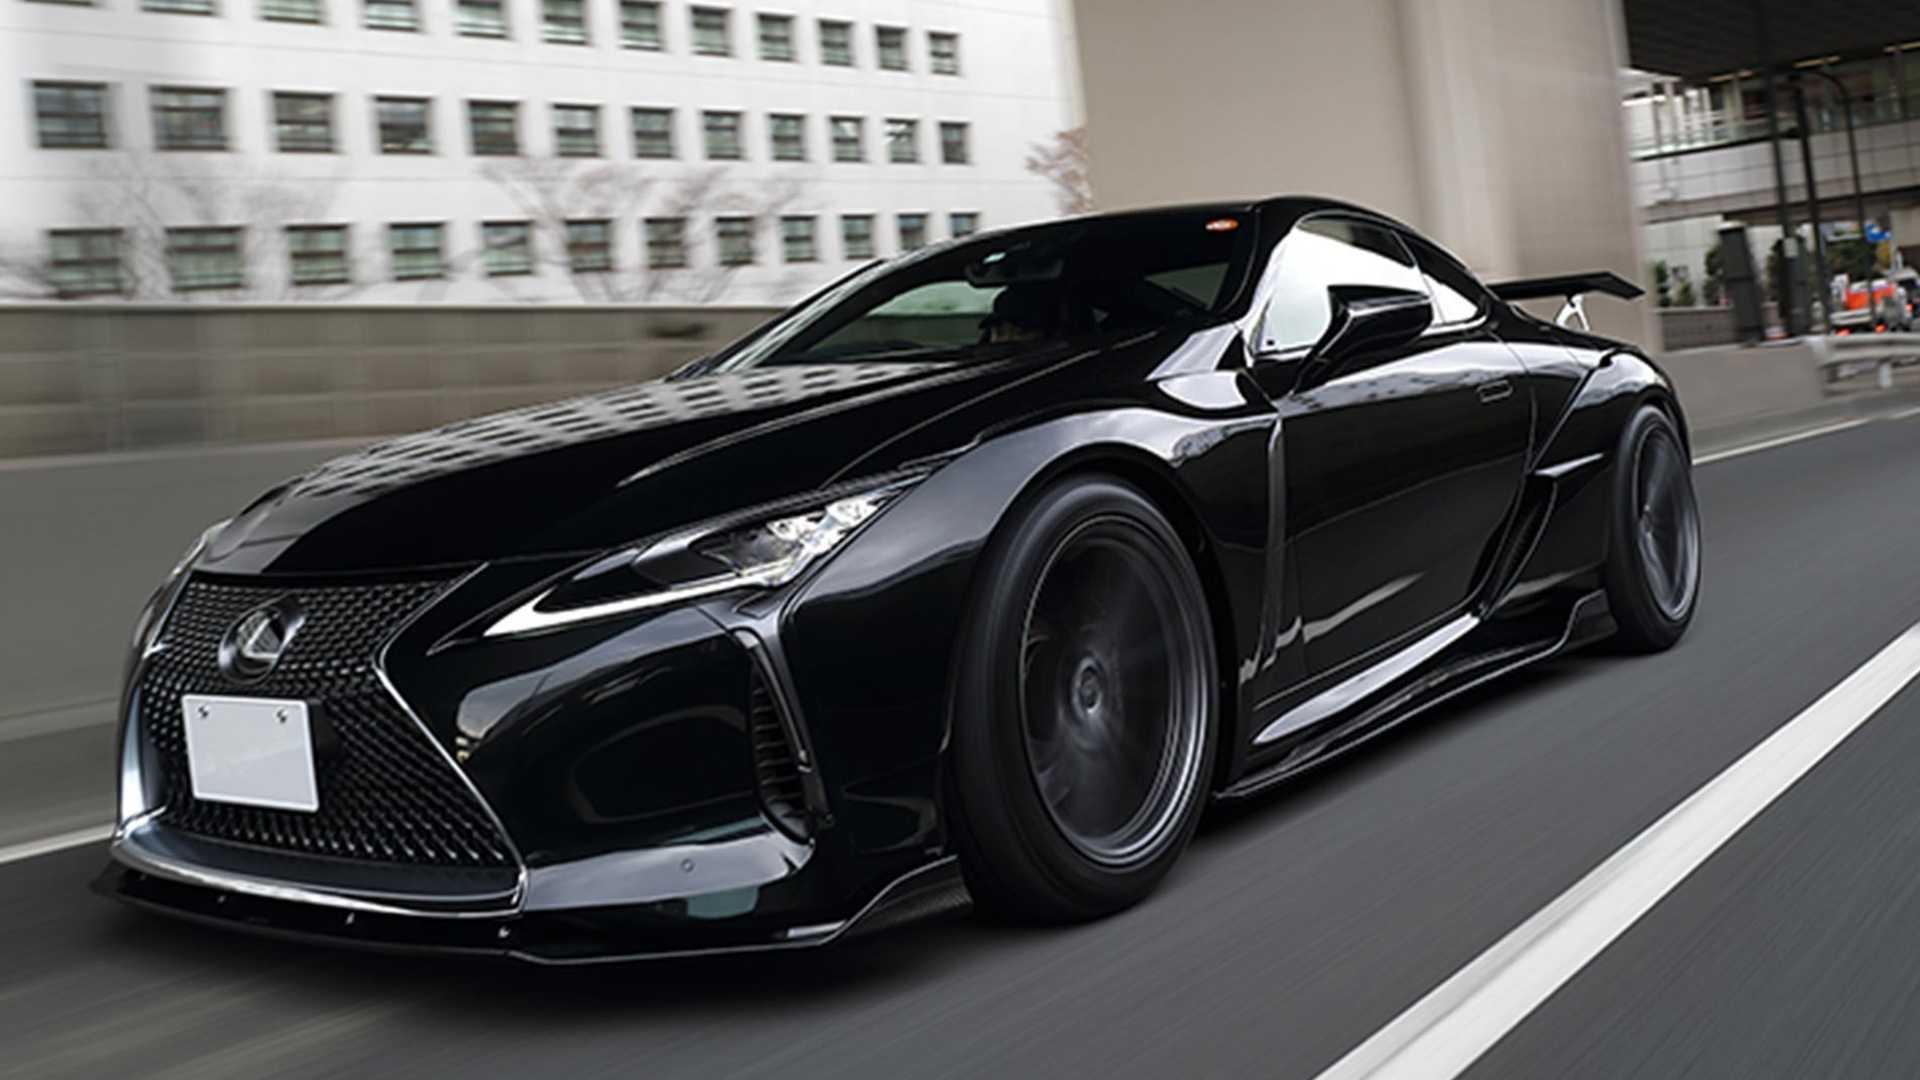 Команда японской мастерской Artisan Spirits в последнее время работала над адаптацией своего широкофюзеляжного кузовного обвеса Black Label GT под роскошный спорткар Lexus LC